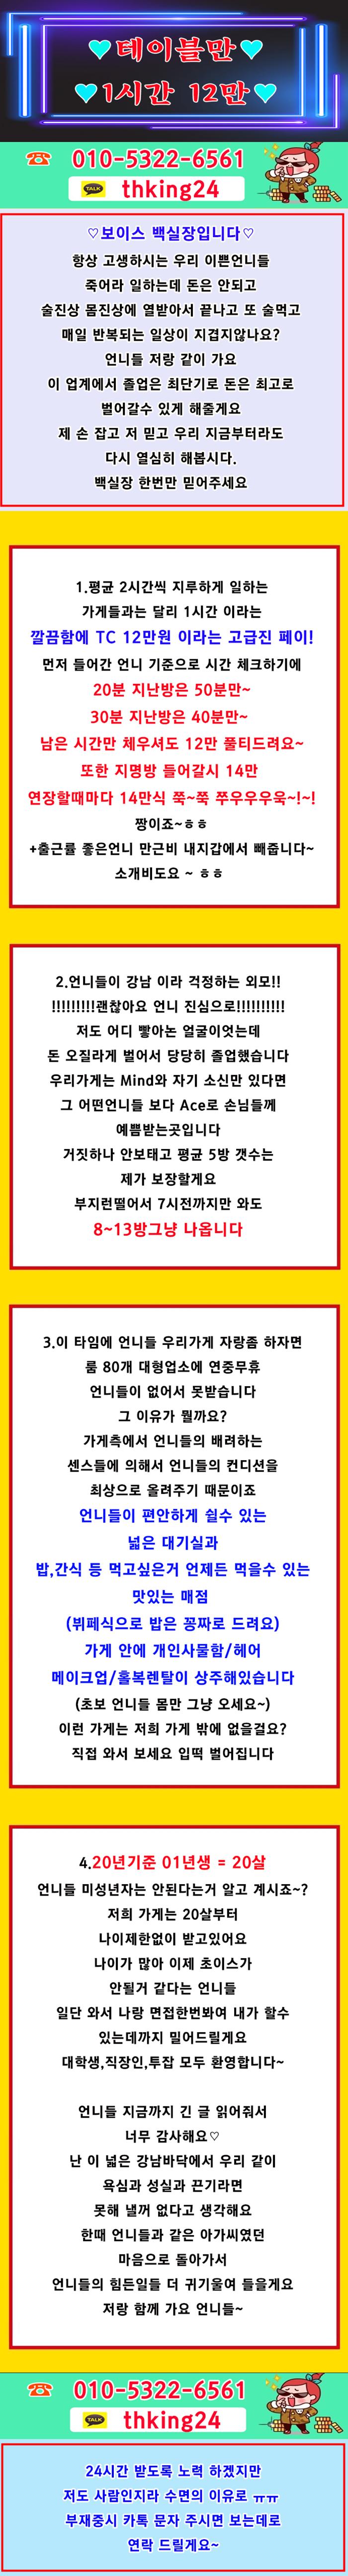 강남 순수테이블 tc12만원